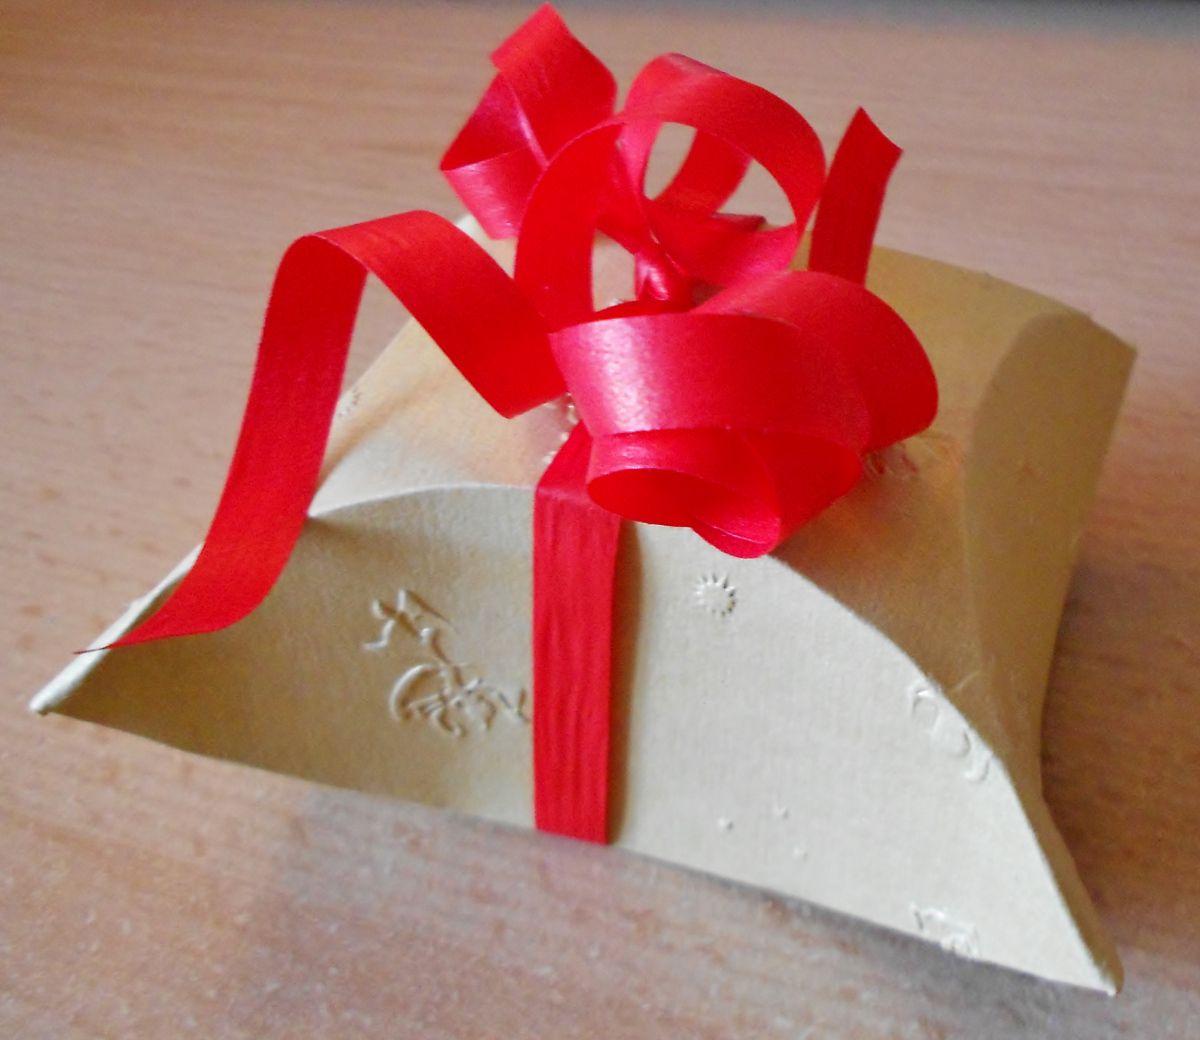 DIY-Geschenkbox | DIY | Pinterest | Geschenkbox, Geschenke und Box